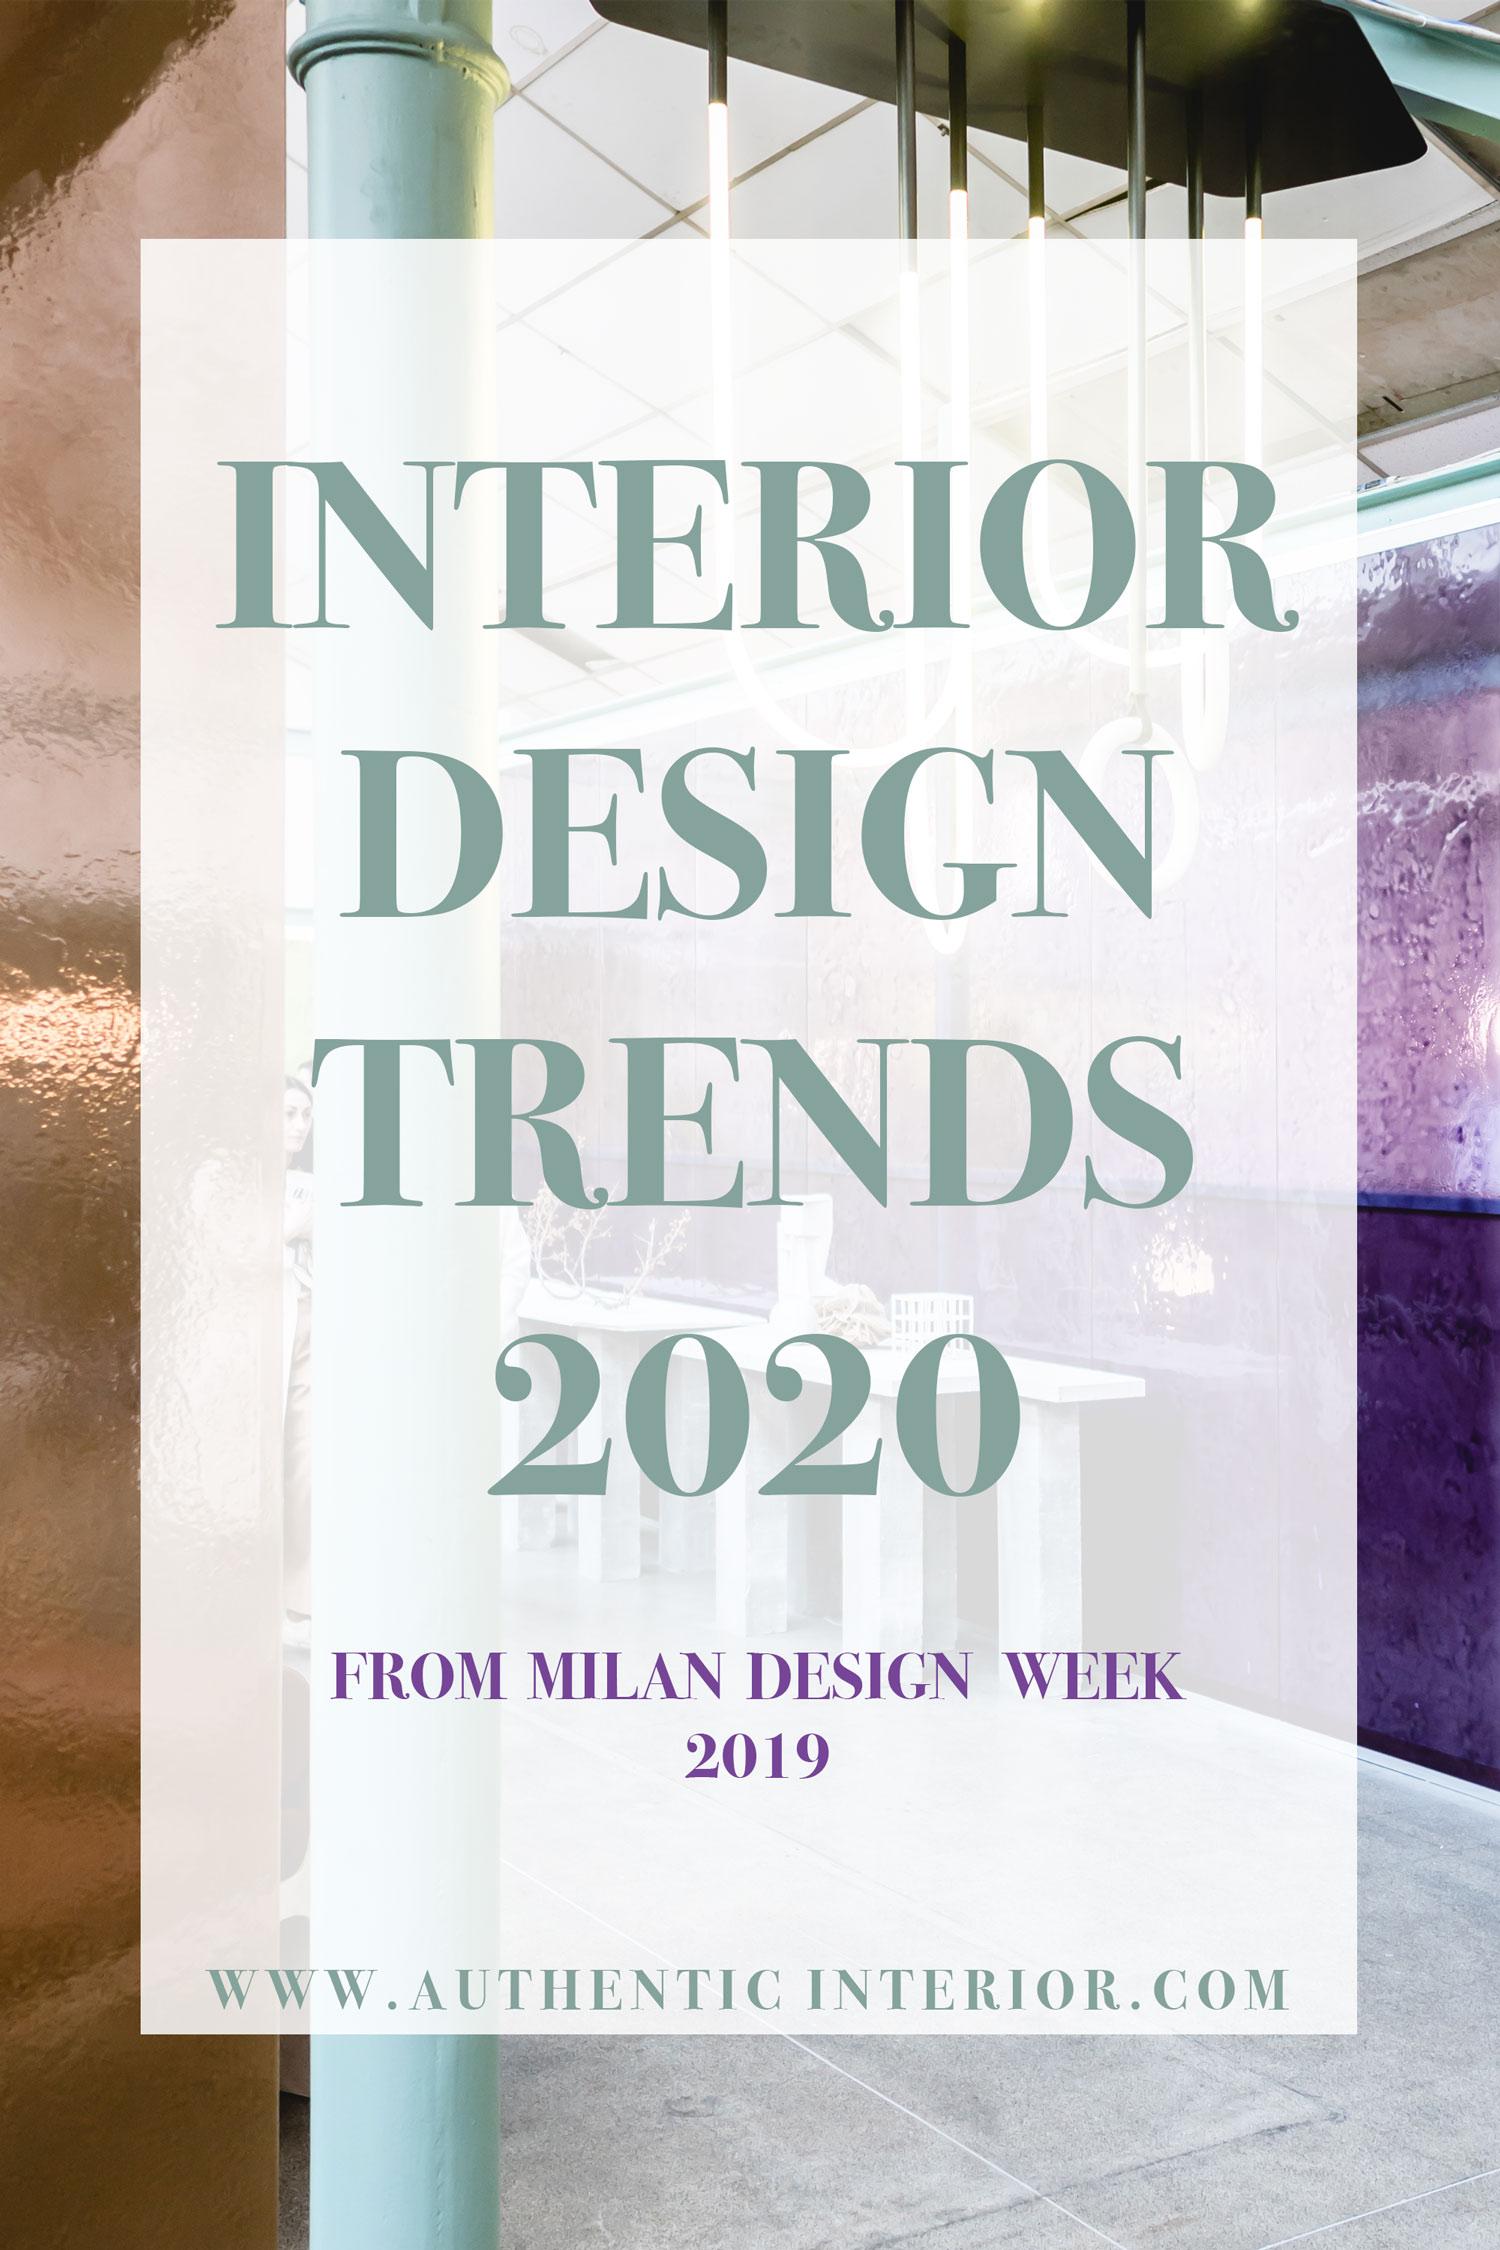 Interior design trends for 2020 - Authentic Interior design studio & blog www.authenticinterior.com